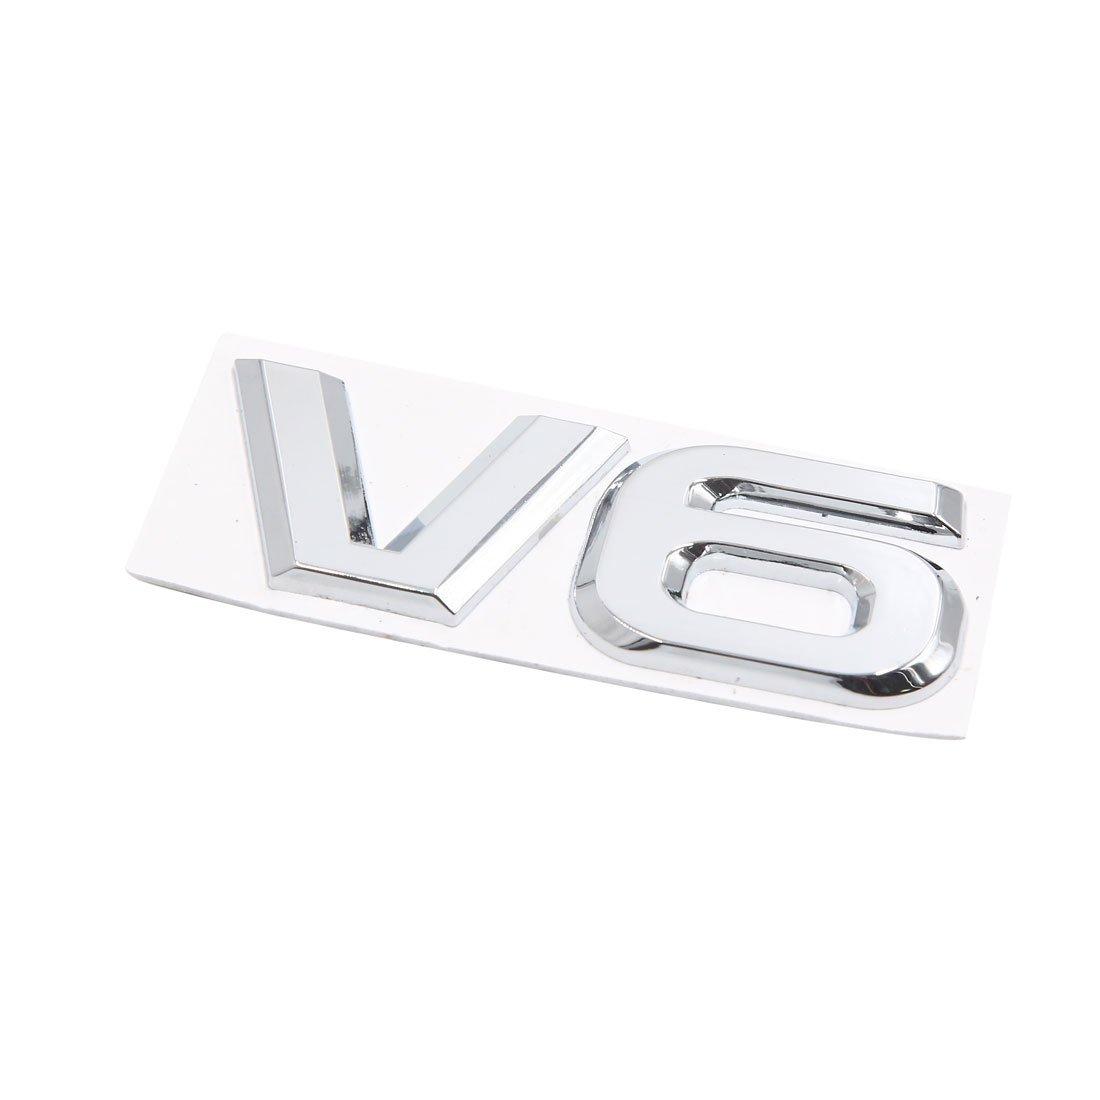 50/mm x 25/mm x 8/mm bronce. /9/N/úmeros manyo 1/unidades 0/ auto-adhesivos n/úmero de casa pegatinas de pl/ástico ABS